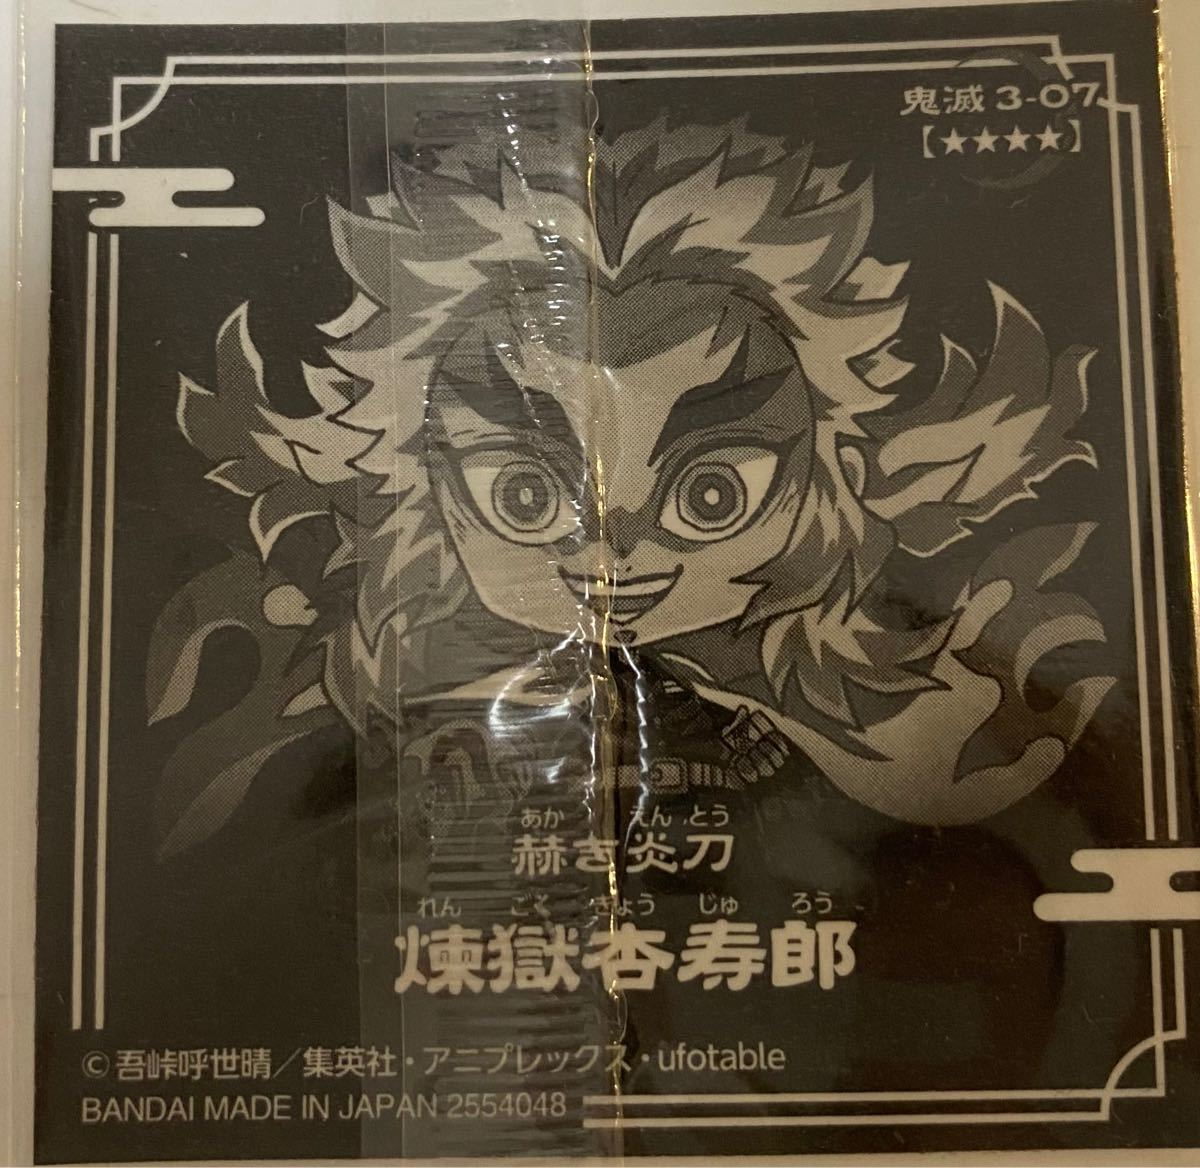 鬼滅の刃 オリジナルクロス・煉獄杏寿郎シール 極レア